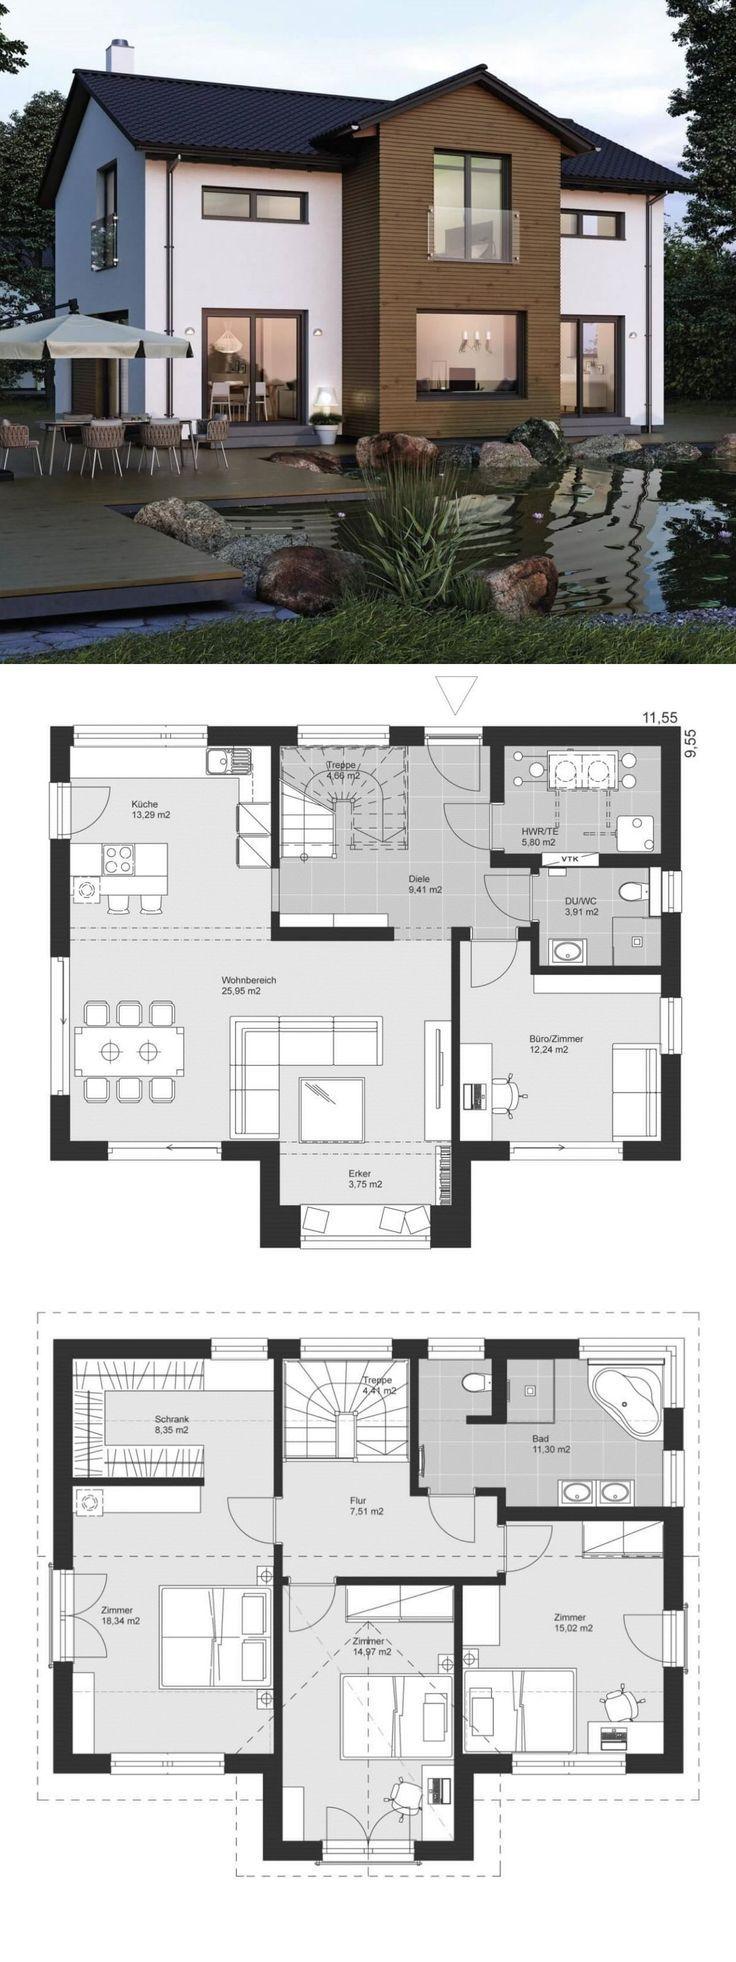 Modernes Einfamilienhaus im Landhausstil Grundriss mit Satteldach Baustil, Z…